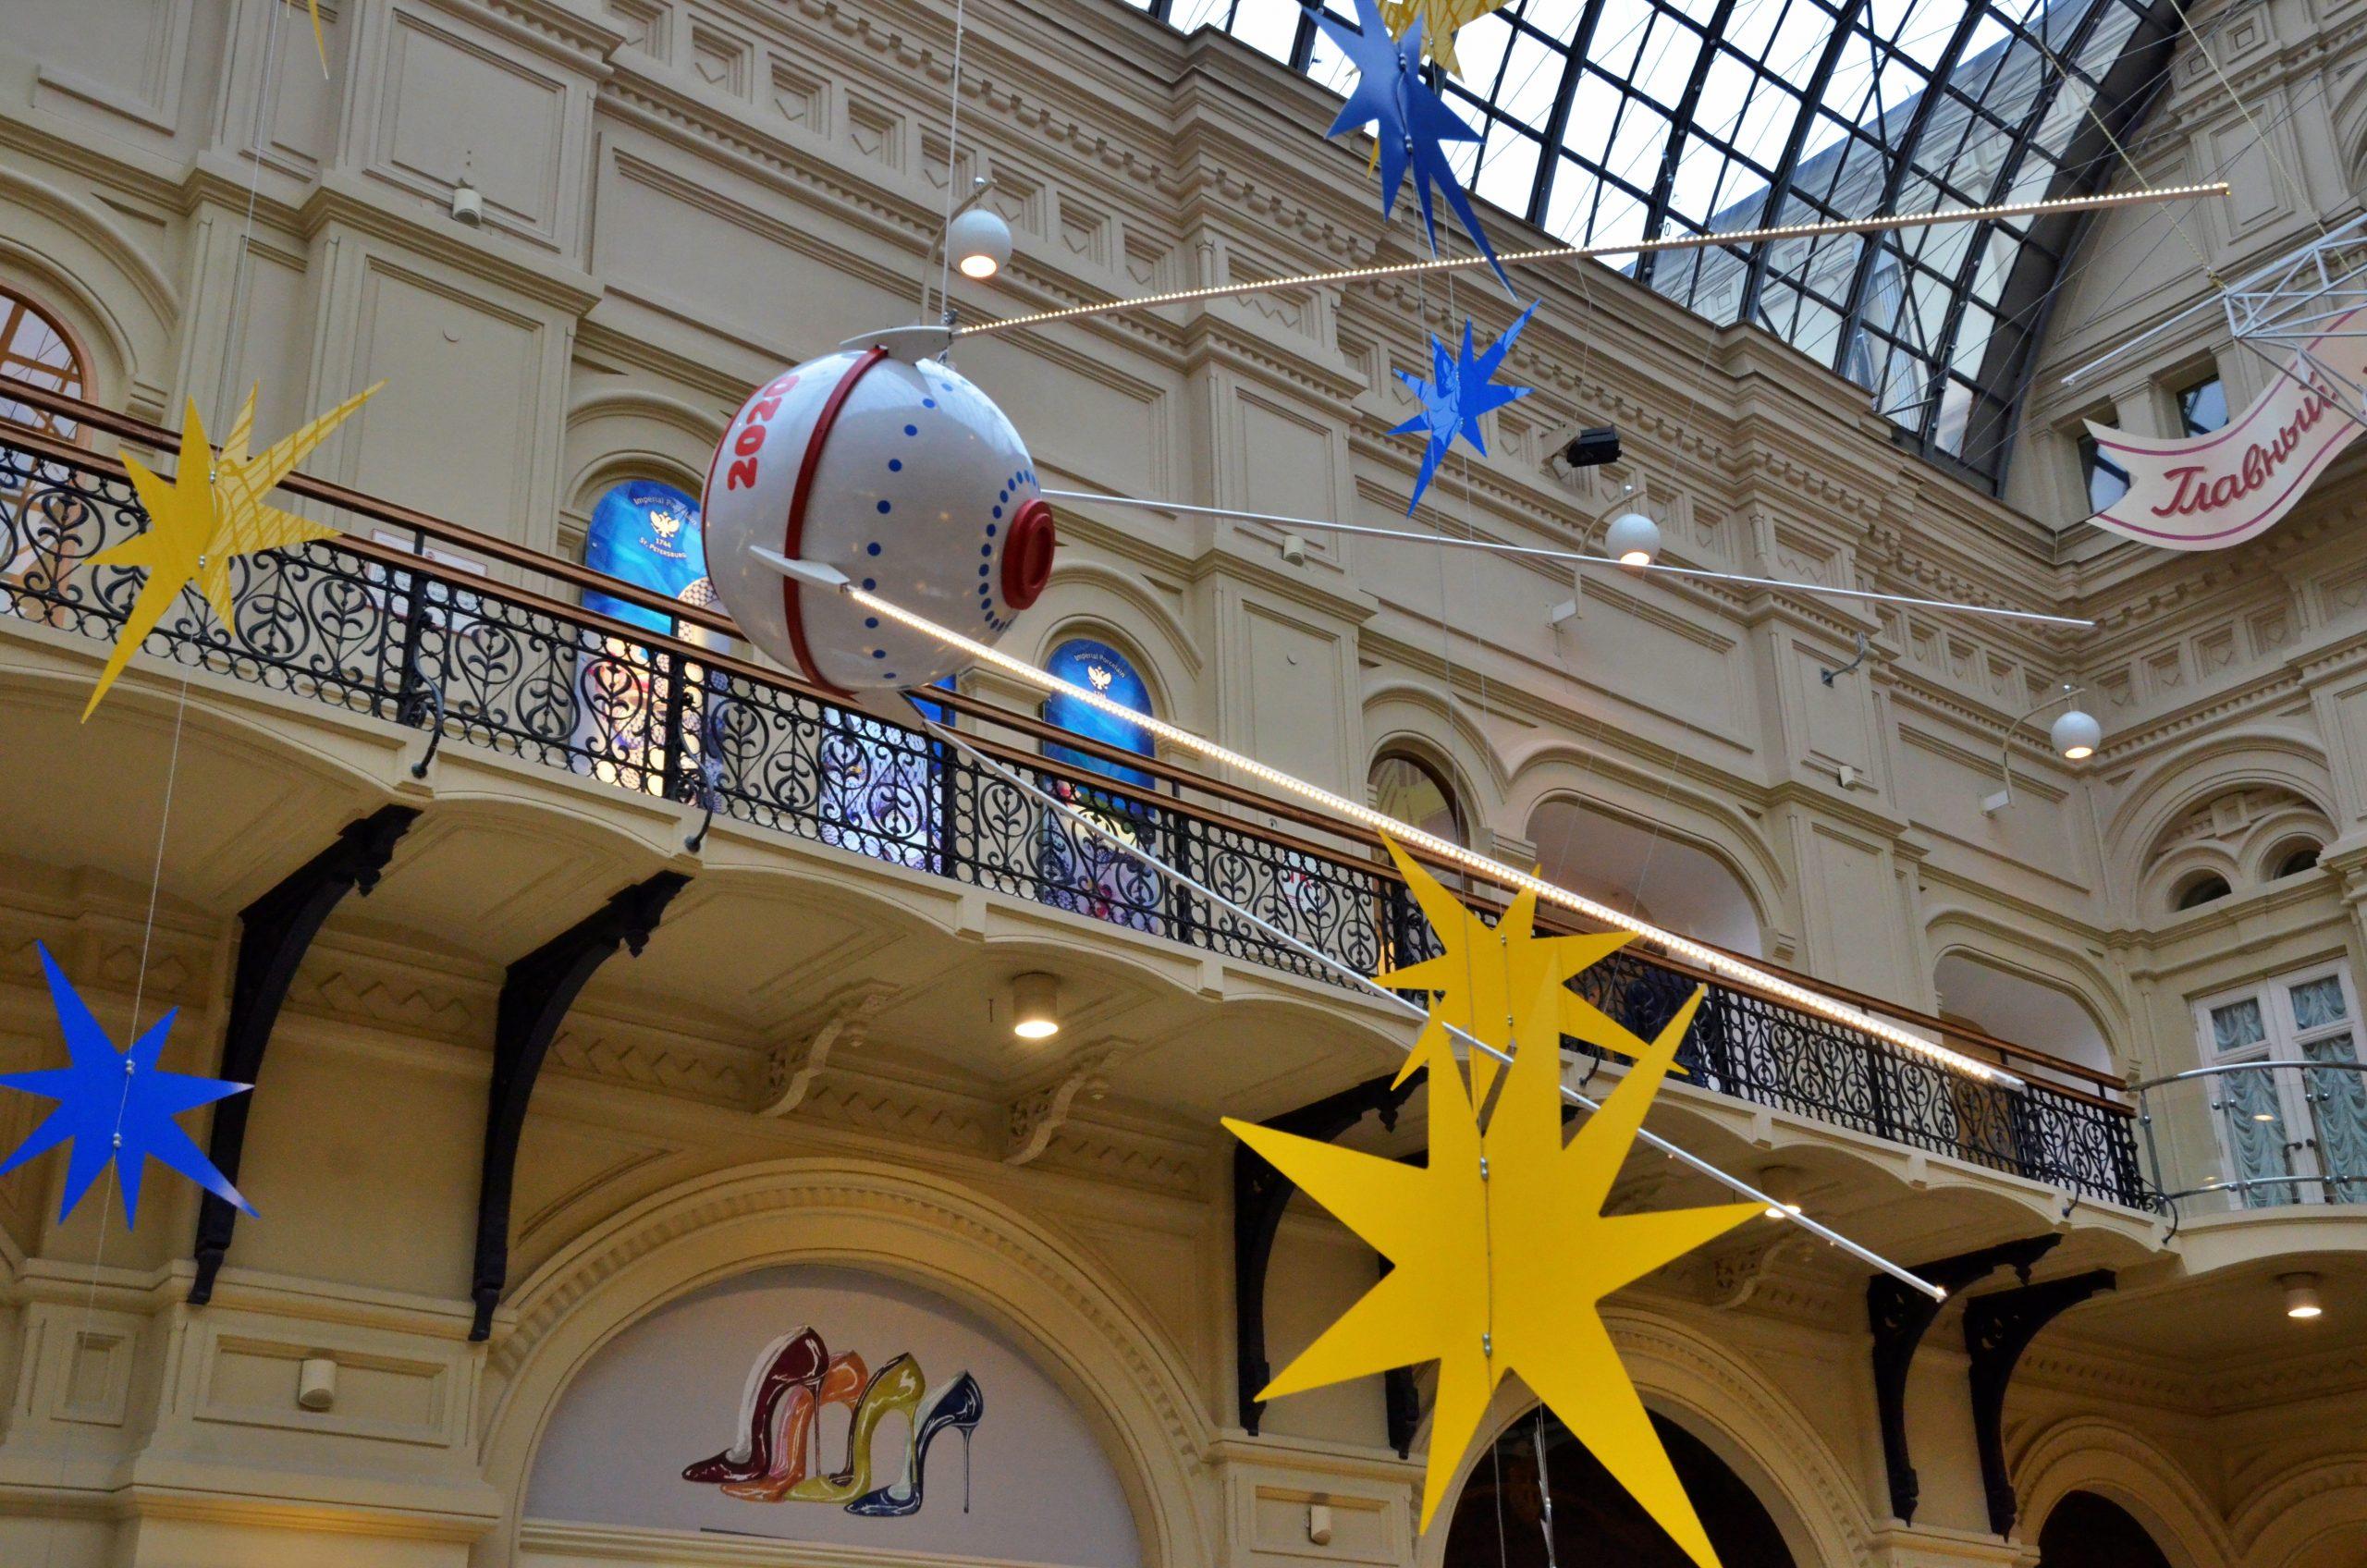 Конкурс ко Дню космонавтики пройдет в Культурном центре «Ватутинки» поселения Десеновское